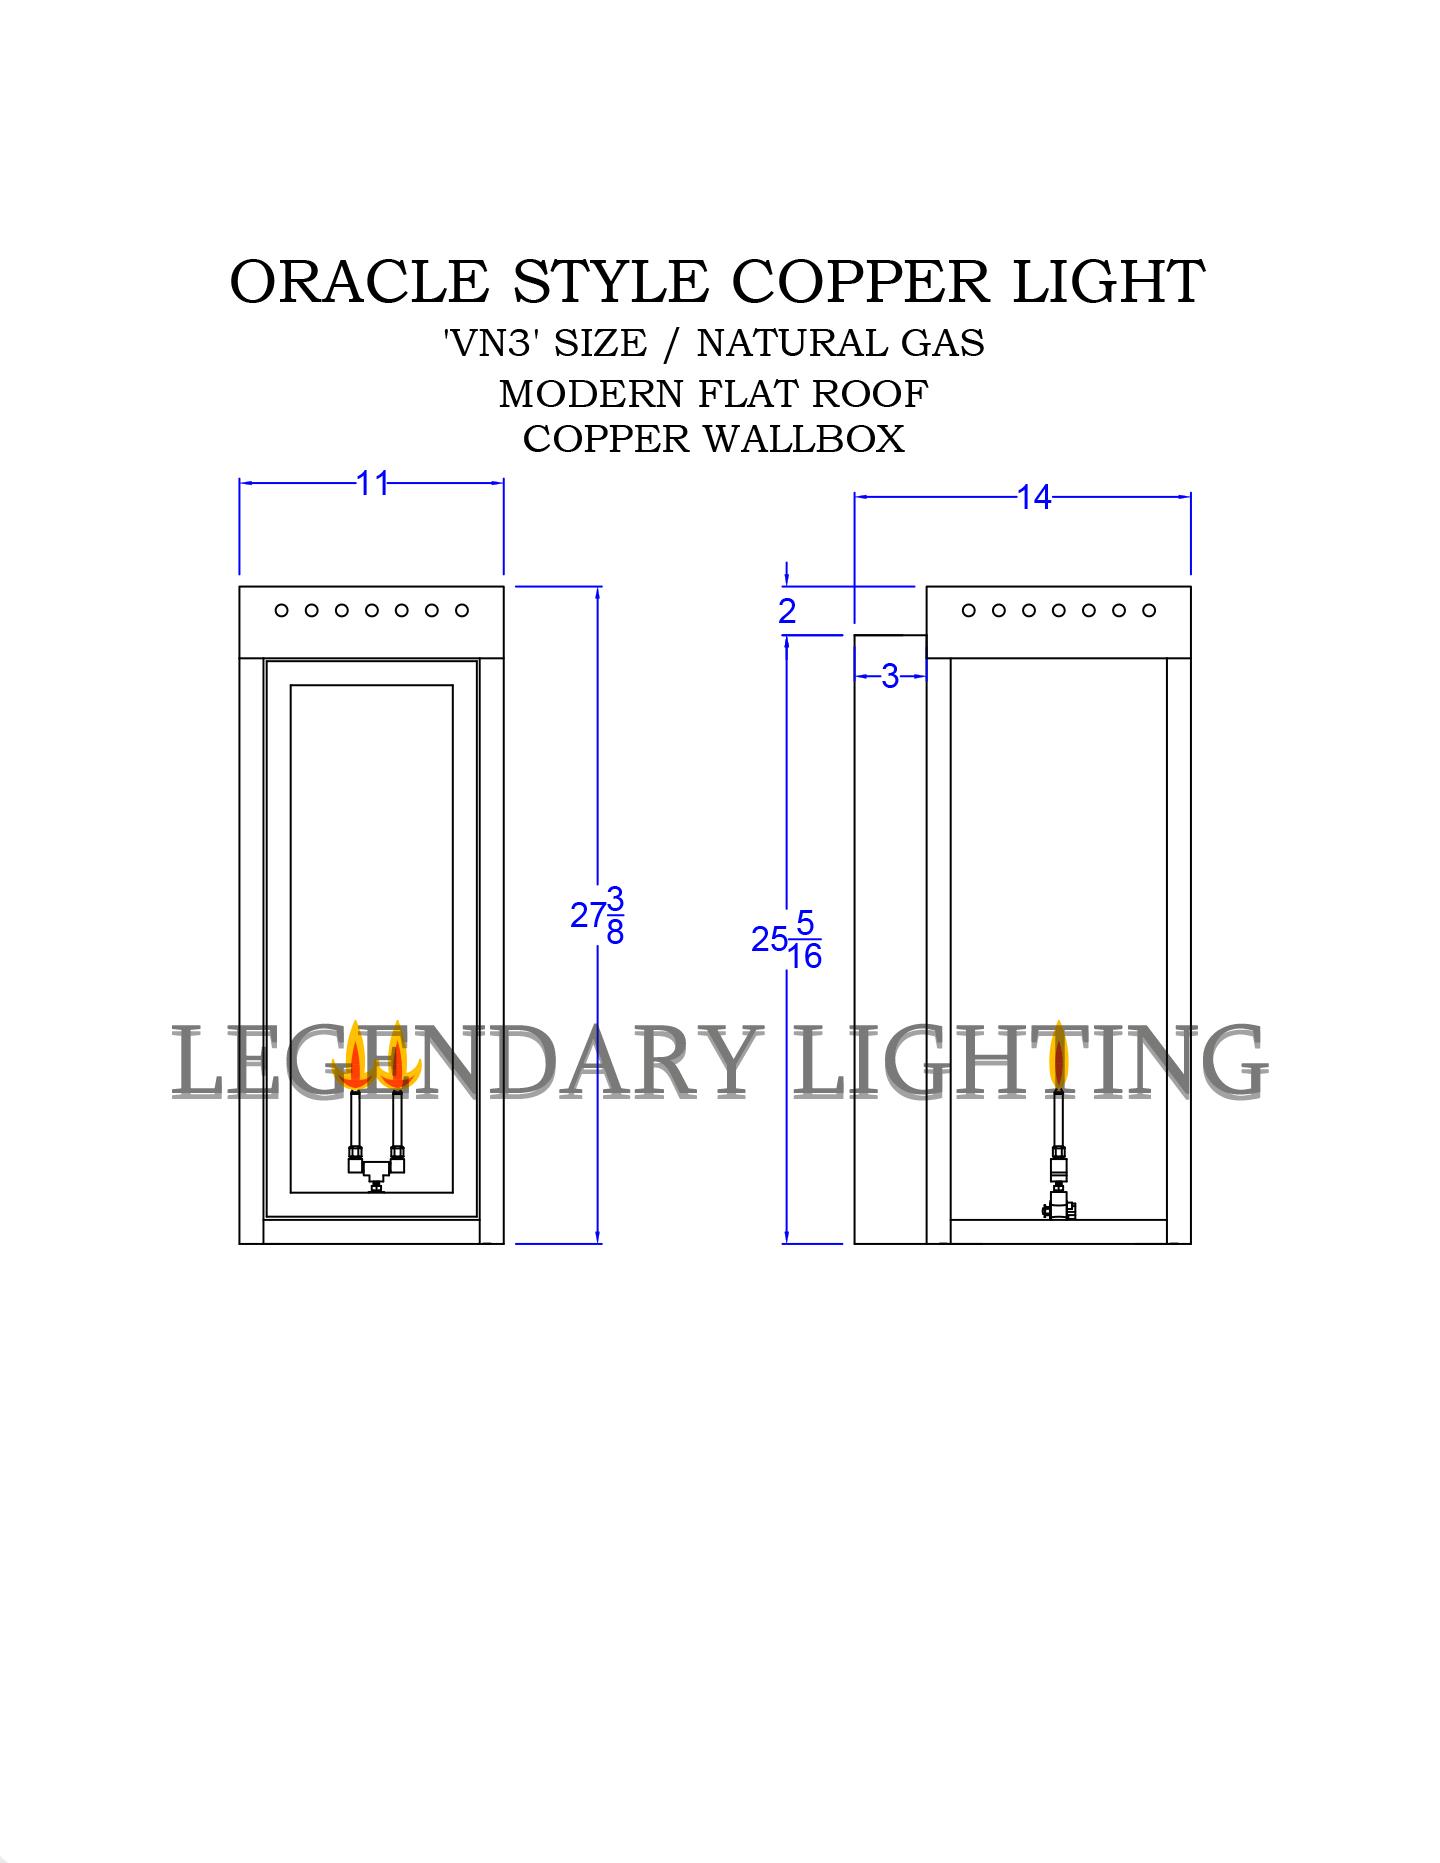 Oracle III Wall